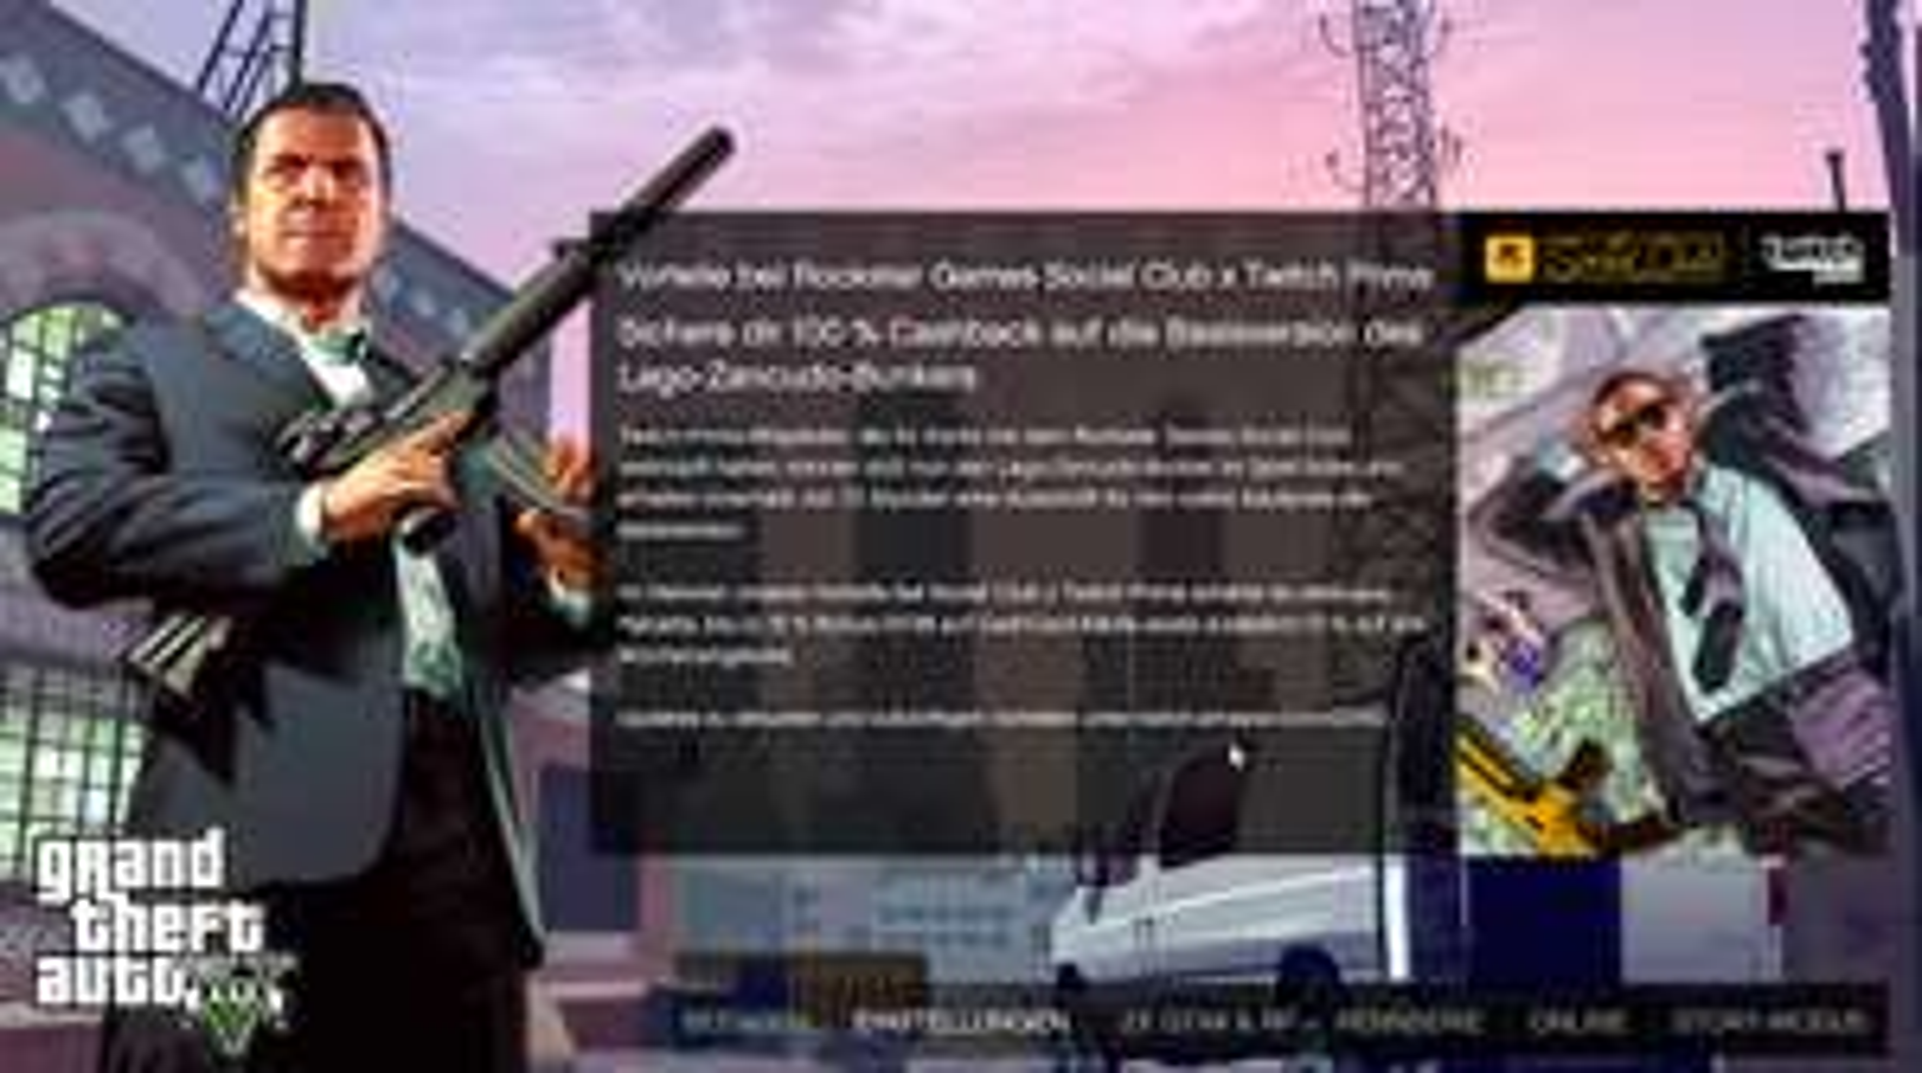 [Twitch Prime] GTA V Online Lago-Zancudo-Bunker + Hangar Rückerstattung des gesamten Kaufpreises! (1,55 Mio GTA$ + 2,65 Mio GTA$)